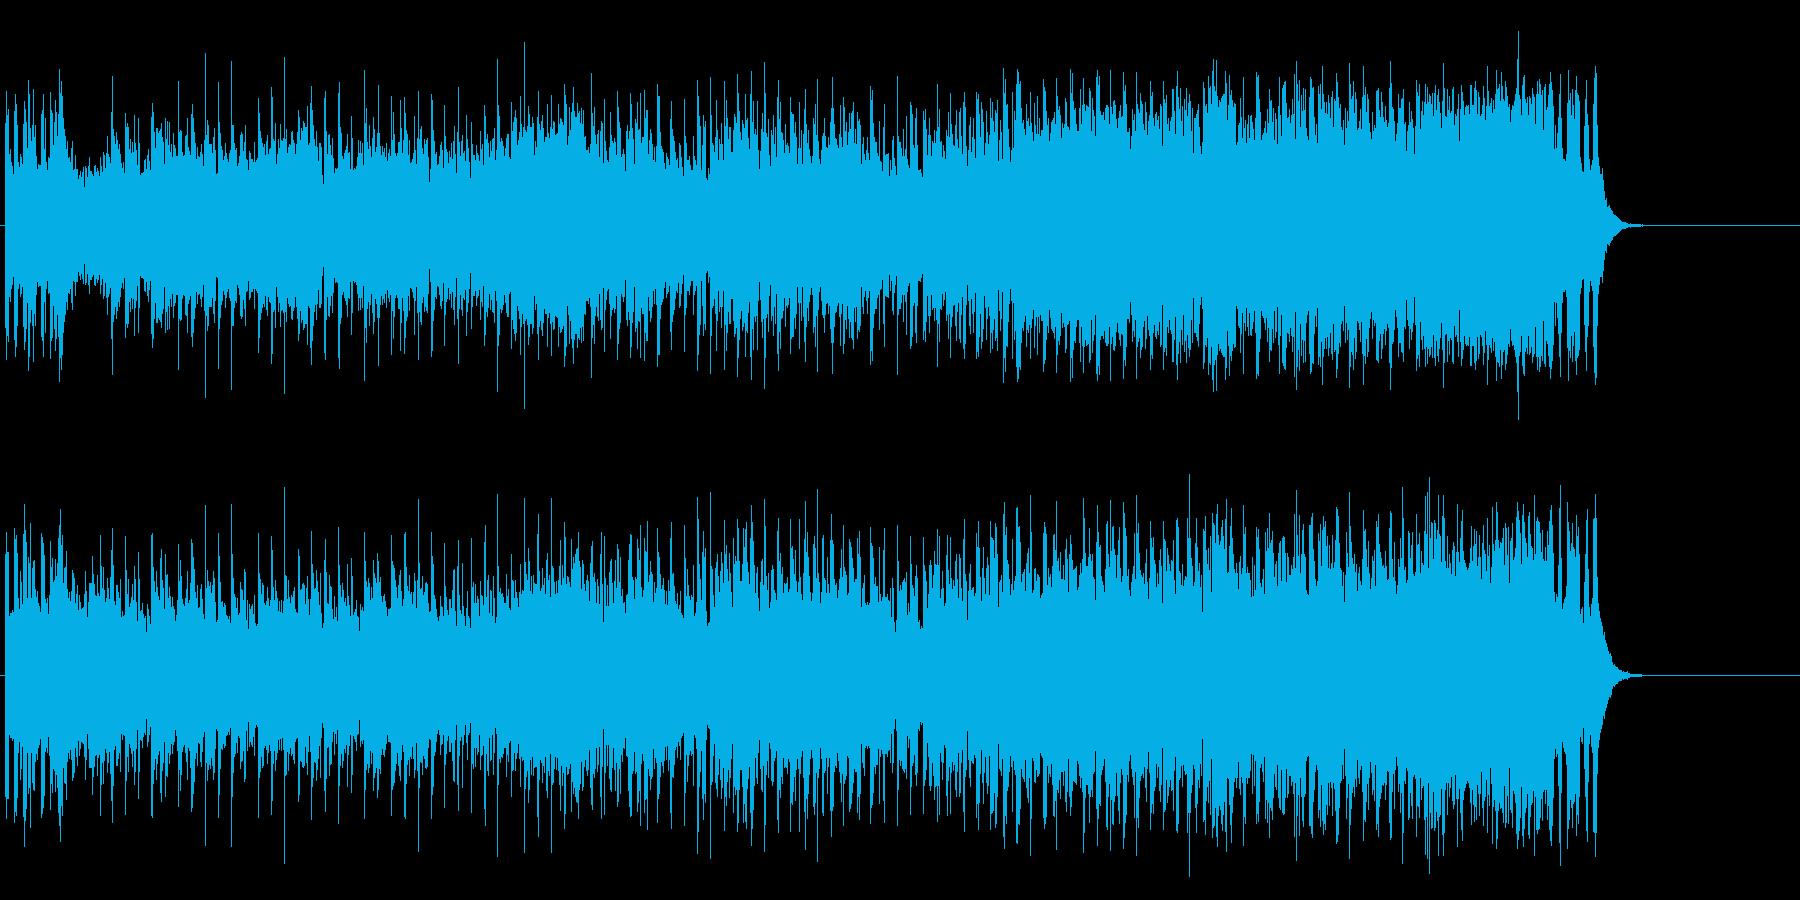 朝の元気な情報番組風オープニングポップの再生済みの波形